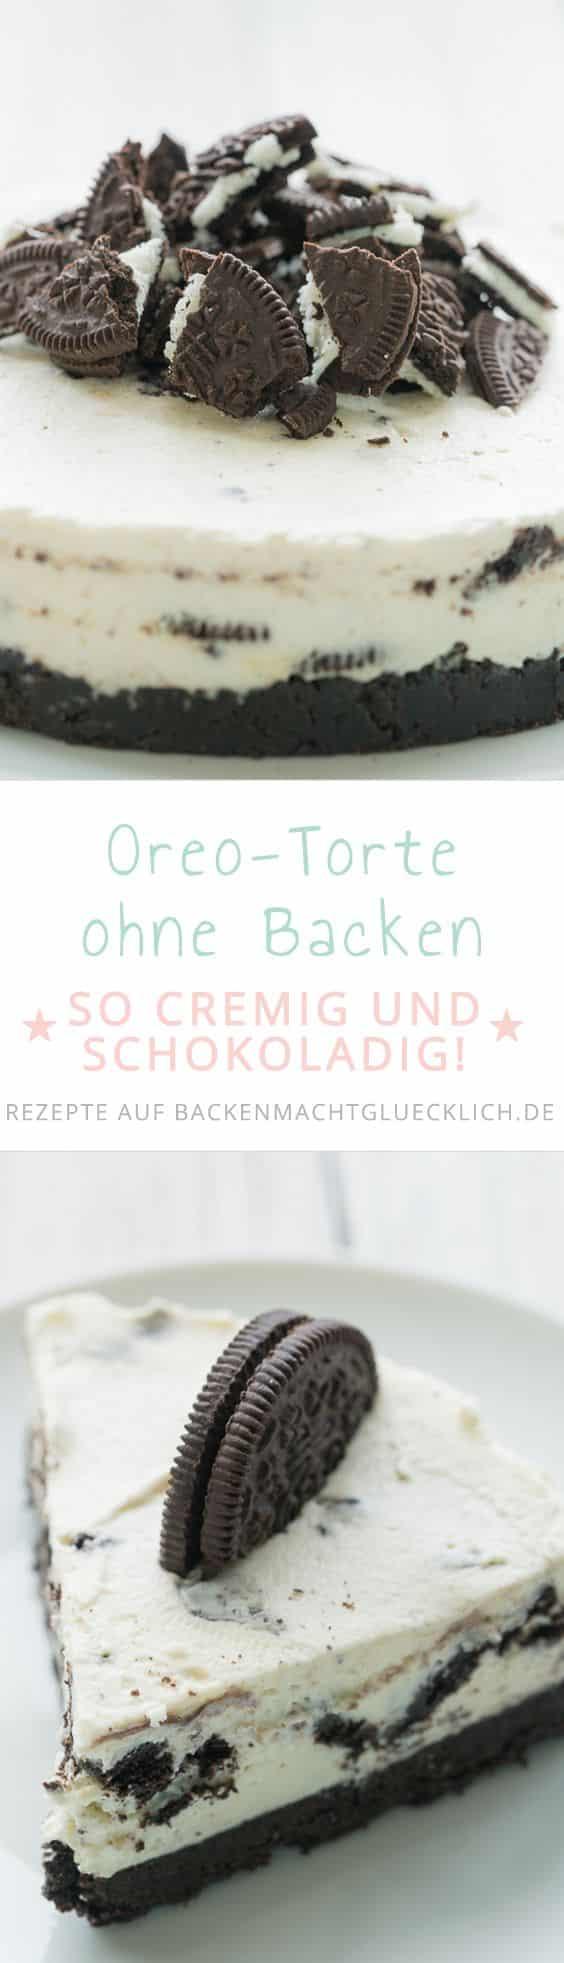 Oreo Torte Ohne Backen Backen Macht Glucklich